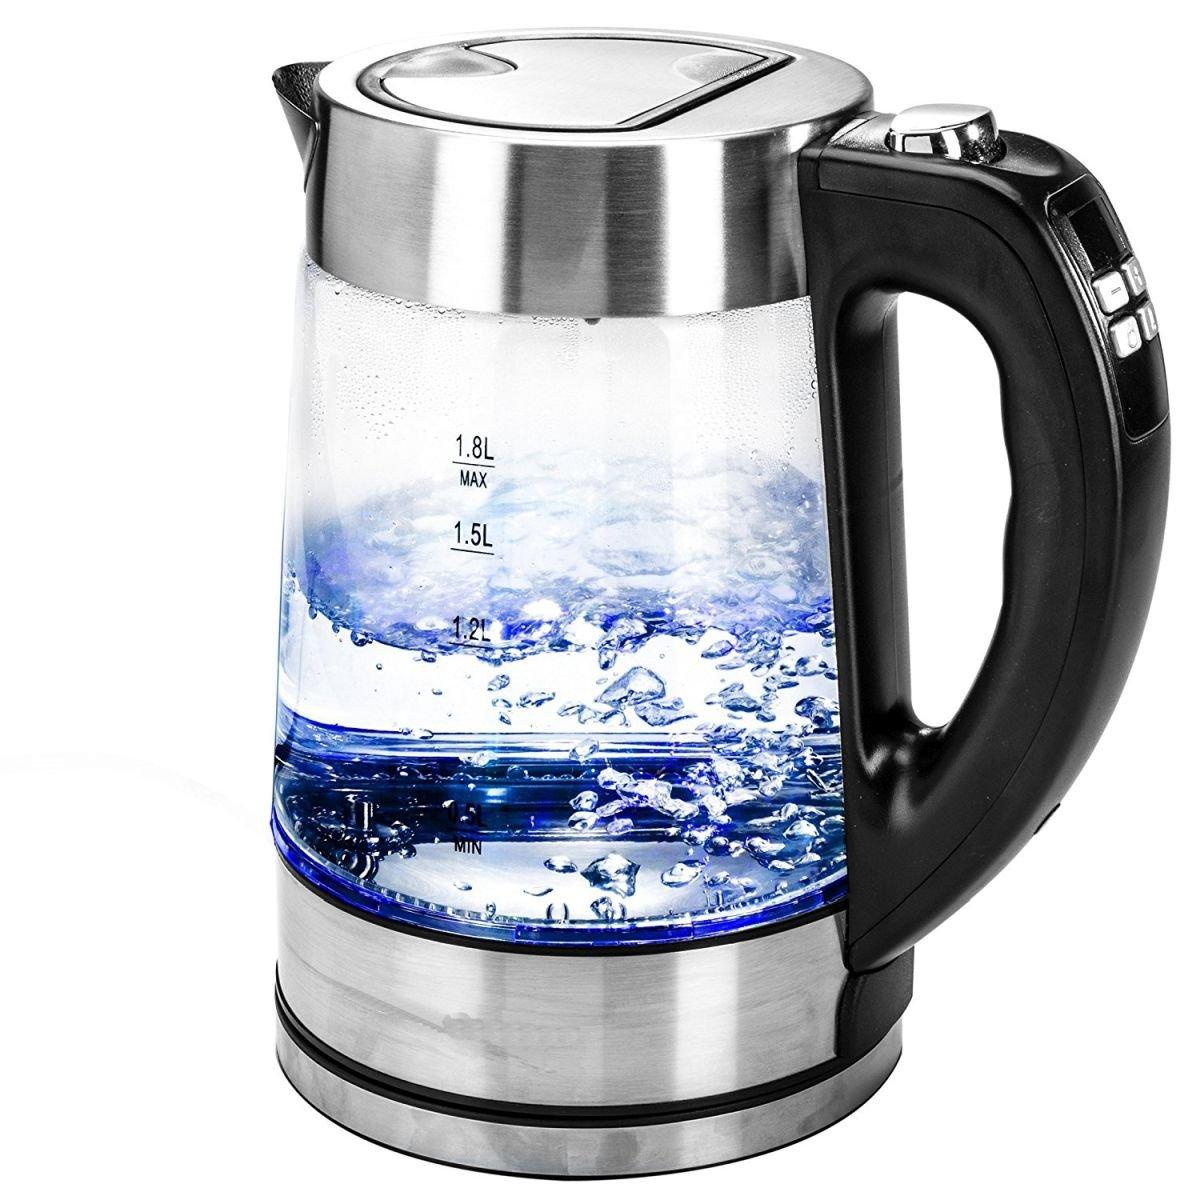 Glas-Wasserkocher-18Liter-elektronische-Temperatureinstellung-LED-Anzeige-Kabellos-Edelstahl-2200W